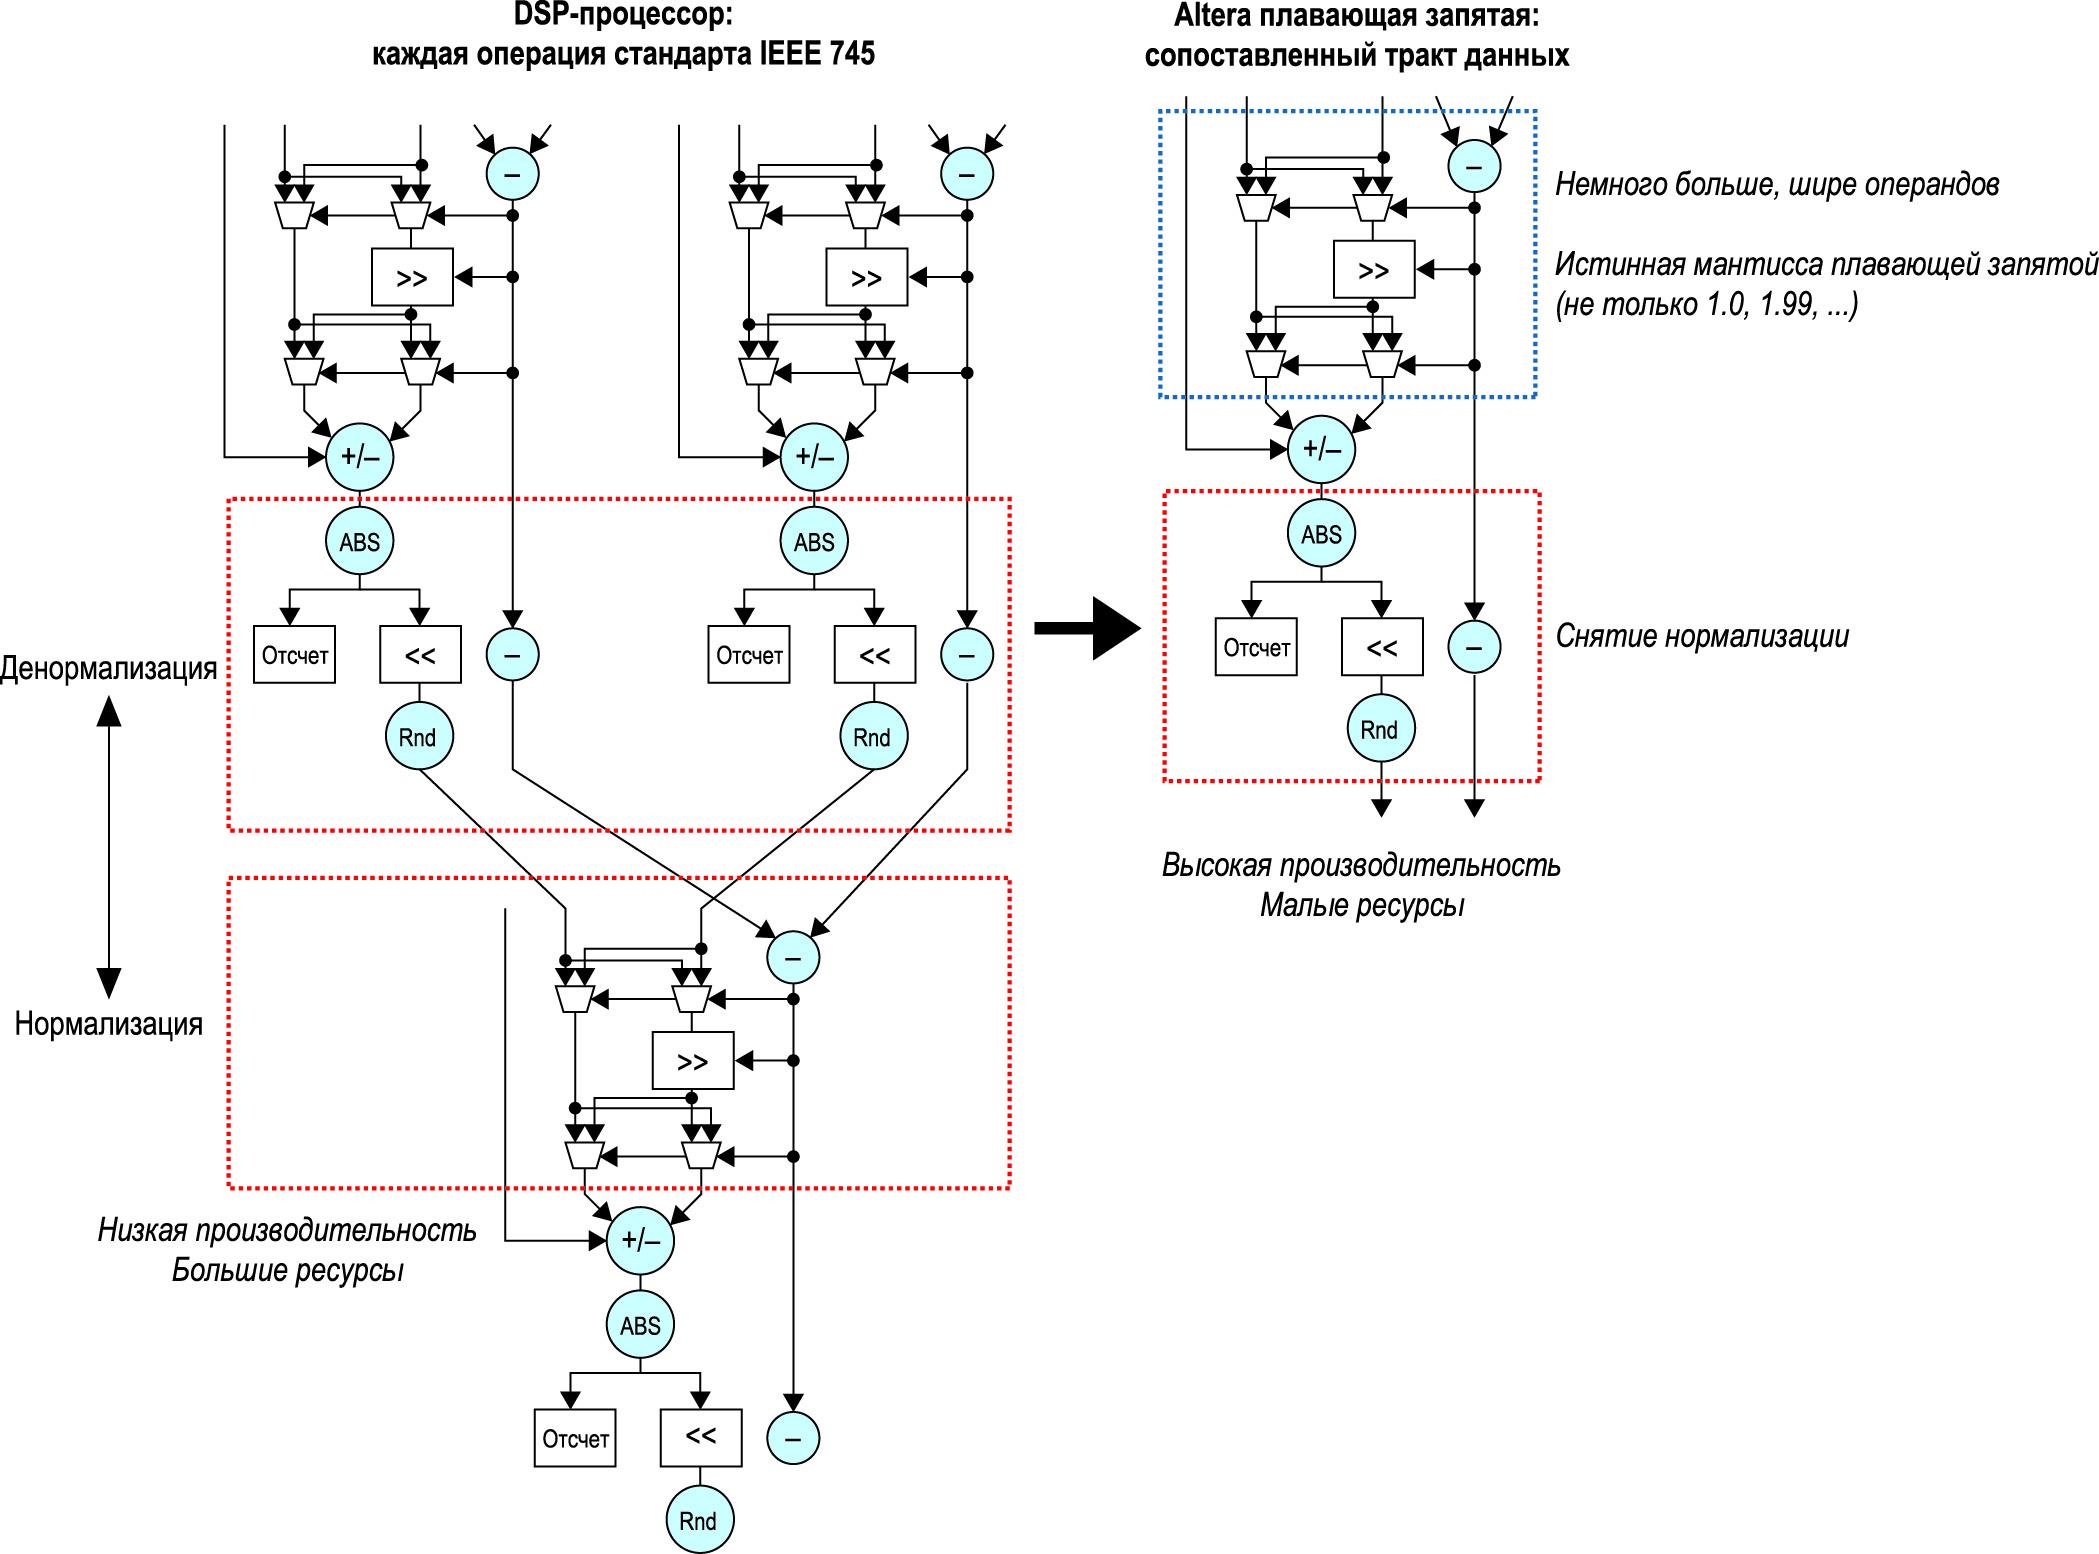 Реализация сопоставленного тракта данных в операции с плавающей запятой